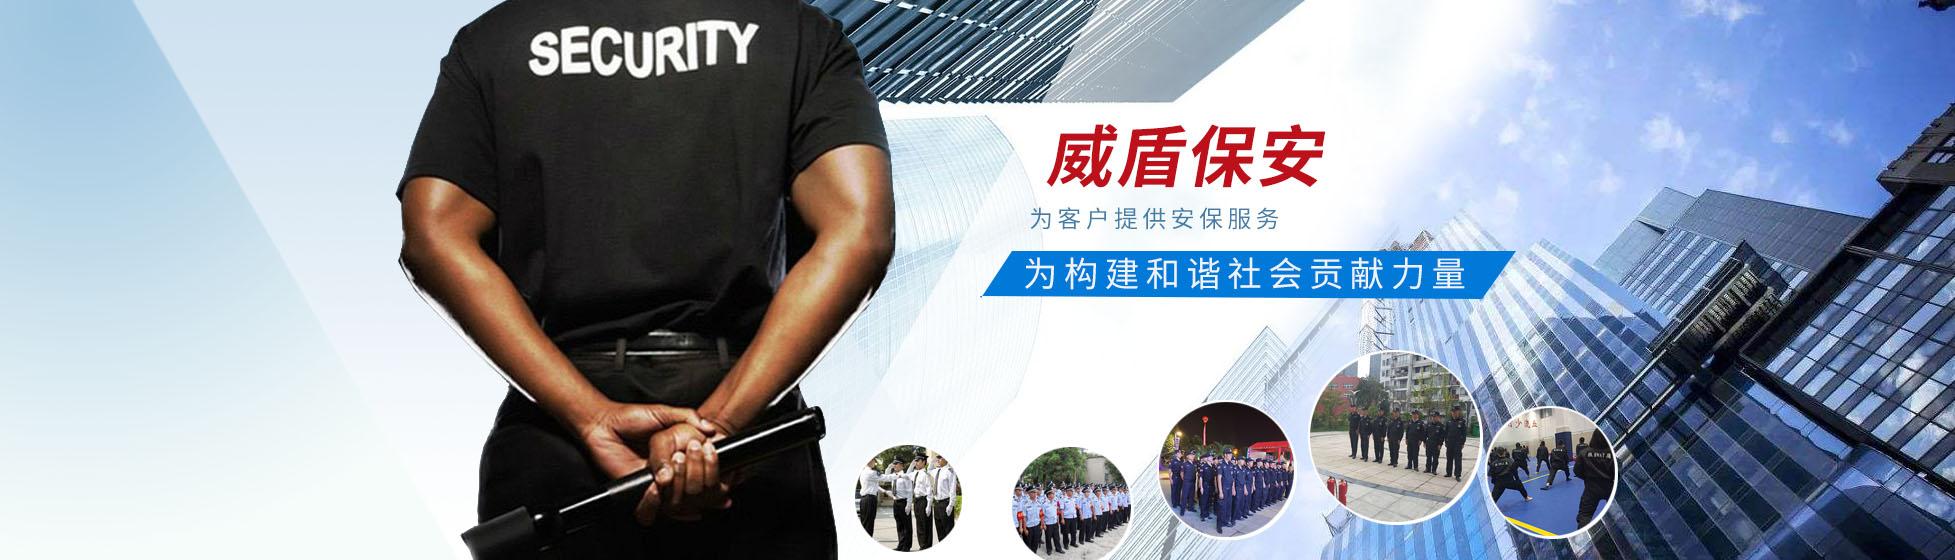 贵州威盾保安有限公司